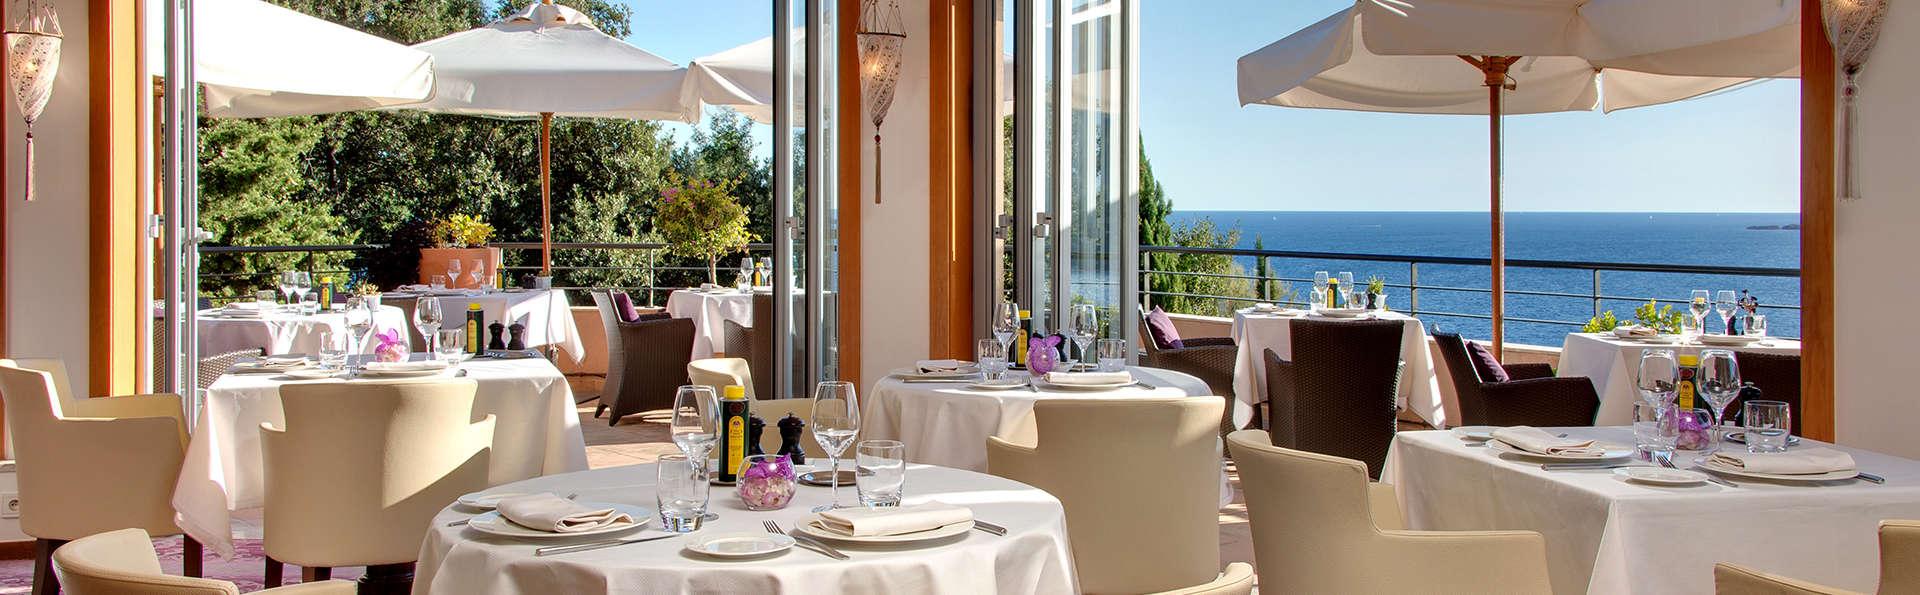 Intimité, détente et gastronomie dans un hôtel d'exception sur la Côte d'Azur